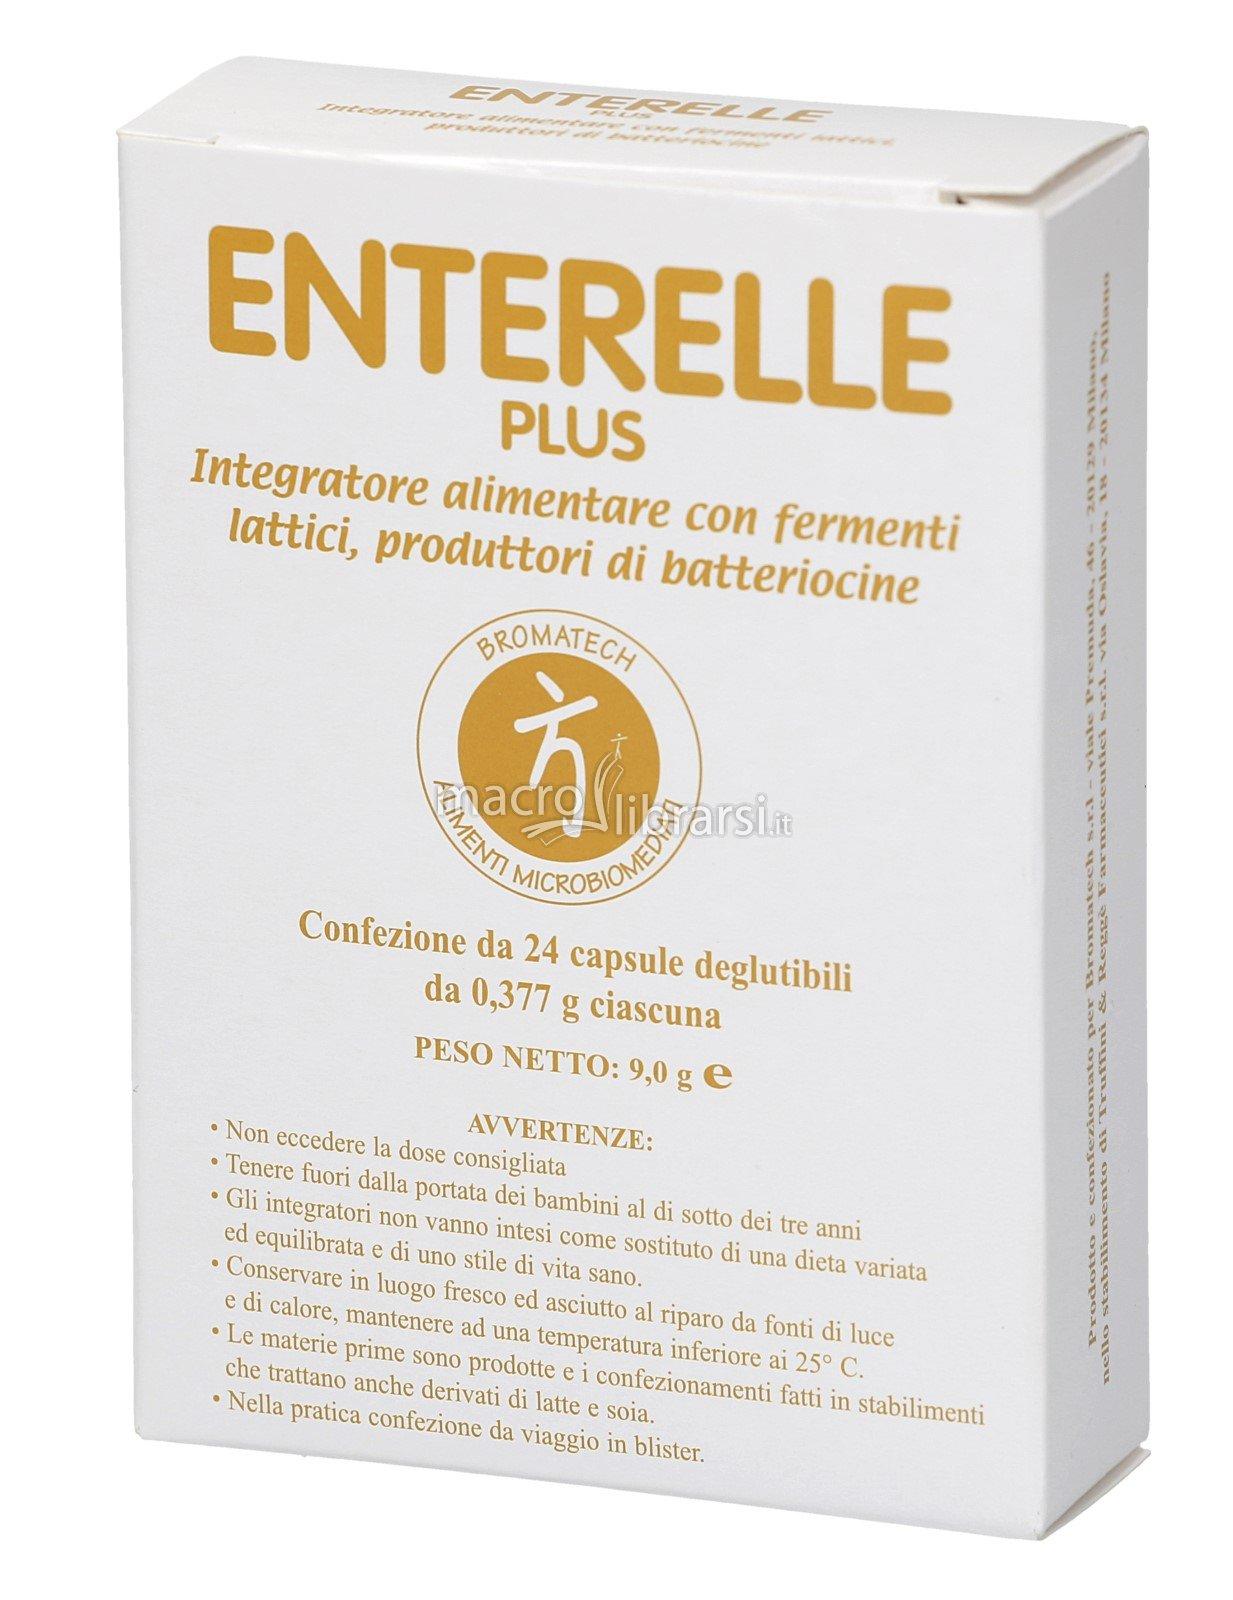 BROMATECH Srl Enterelle Plus 24cps